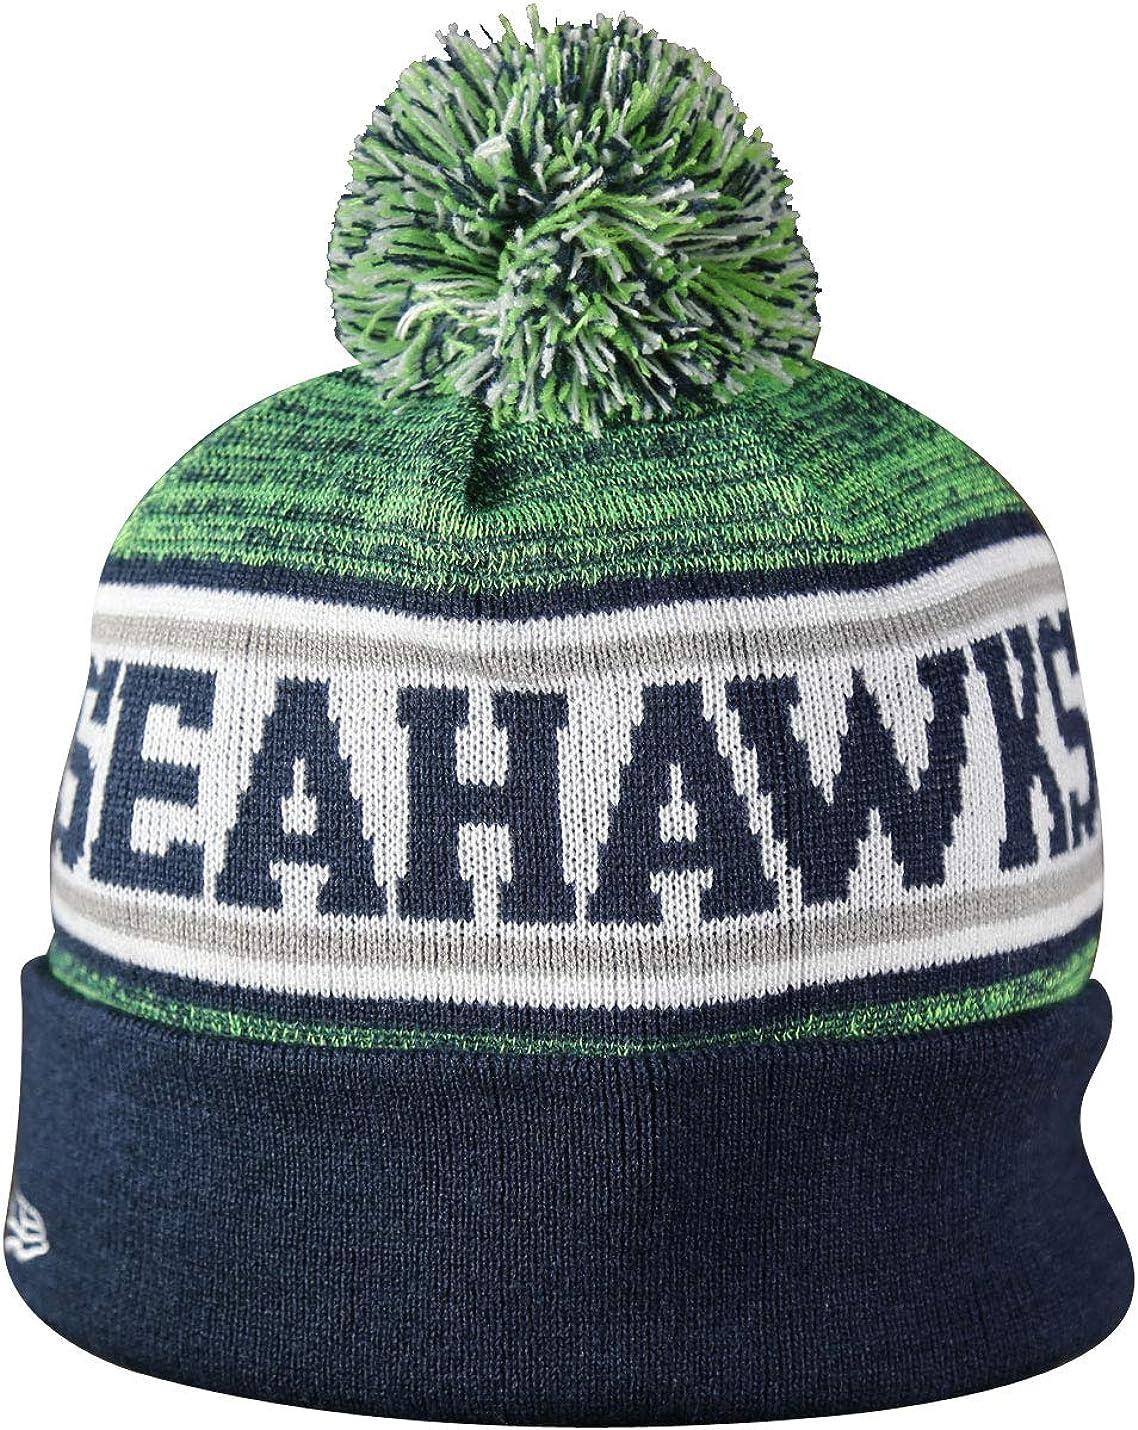 SEA Seahawks Sport Knit Winter Wool Warm Beanie Pom Hat Multicolour